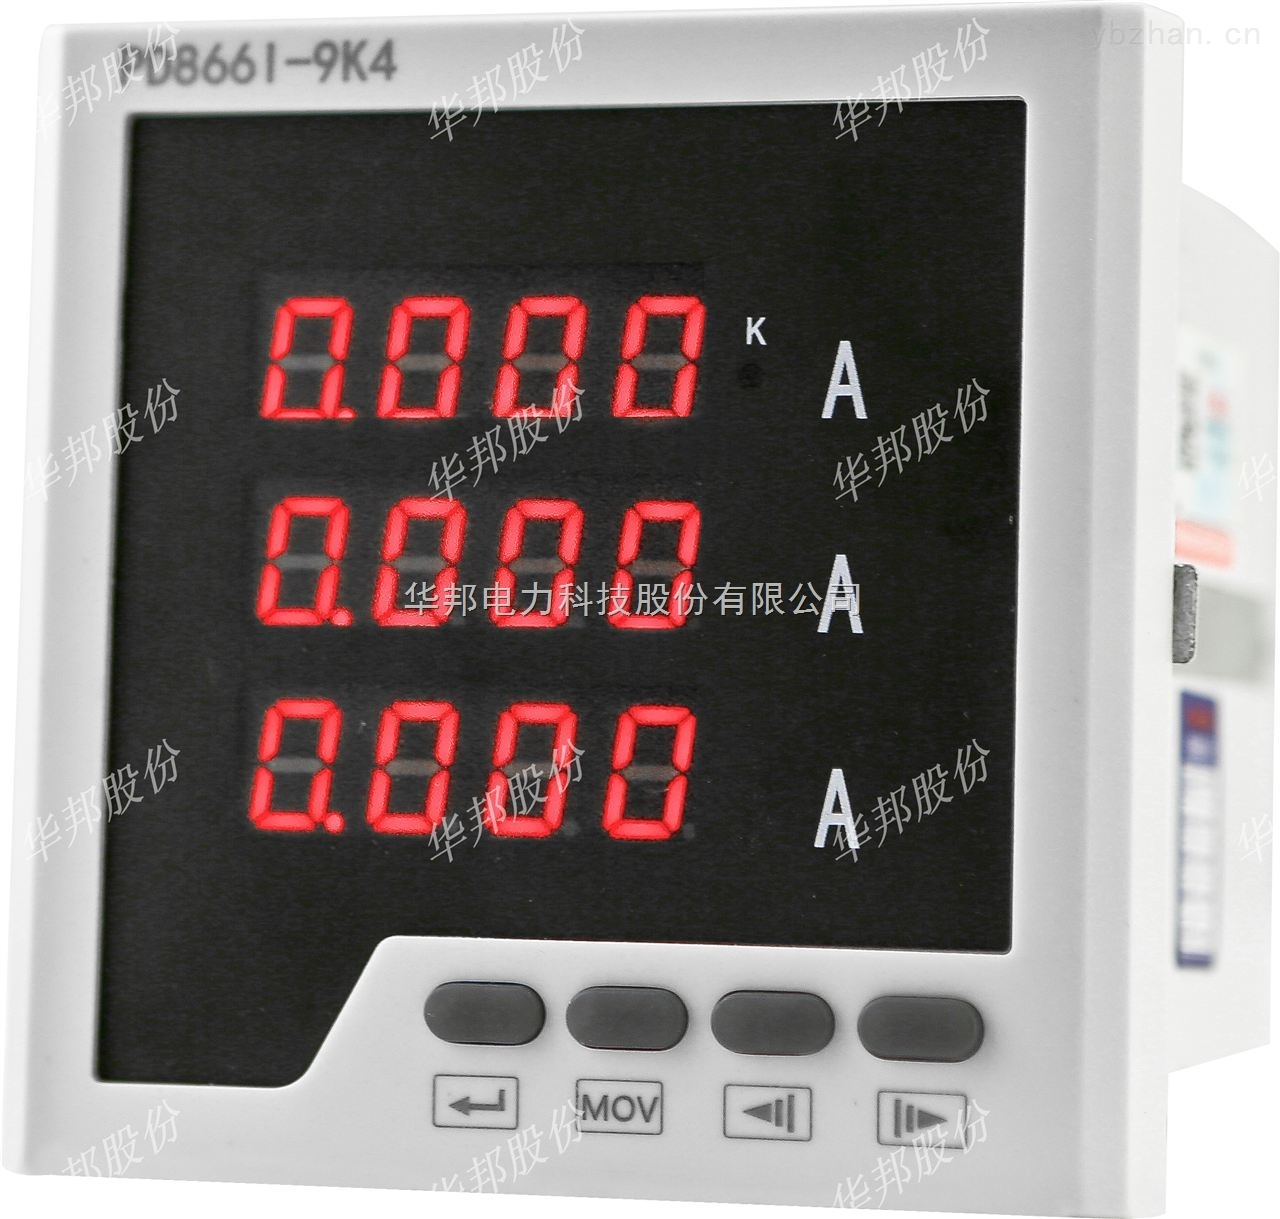 PD668E-9S4-数显三相电度表 (互感式,带网络传输功能)